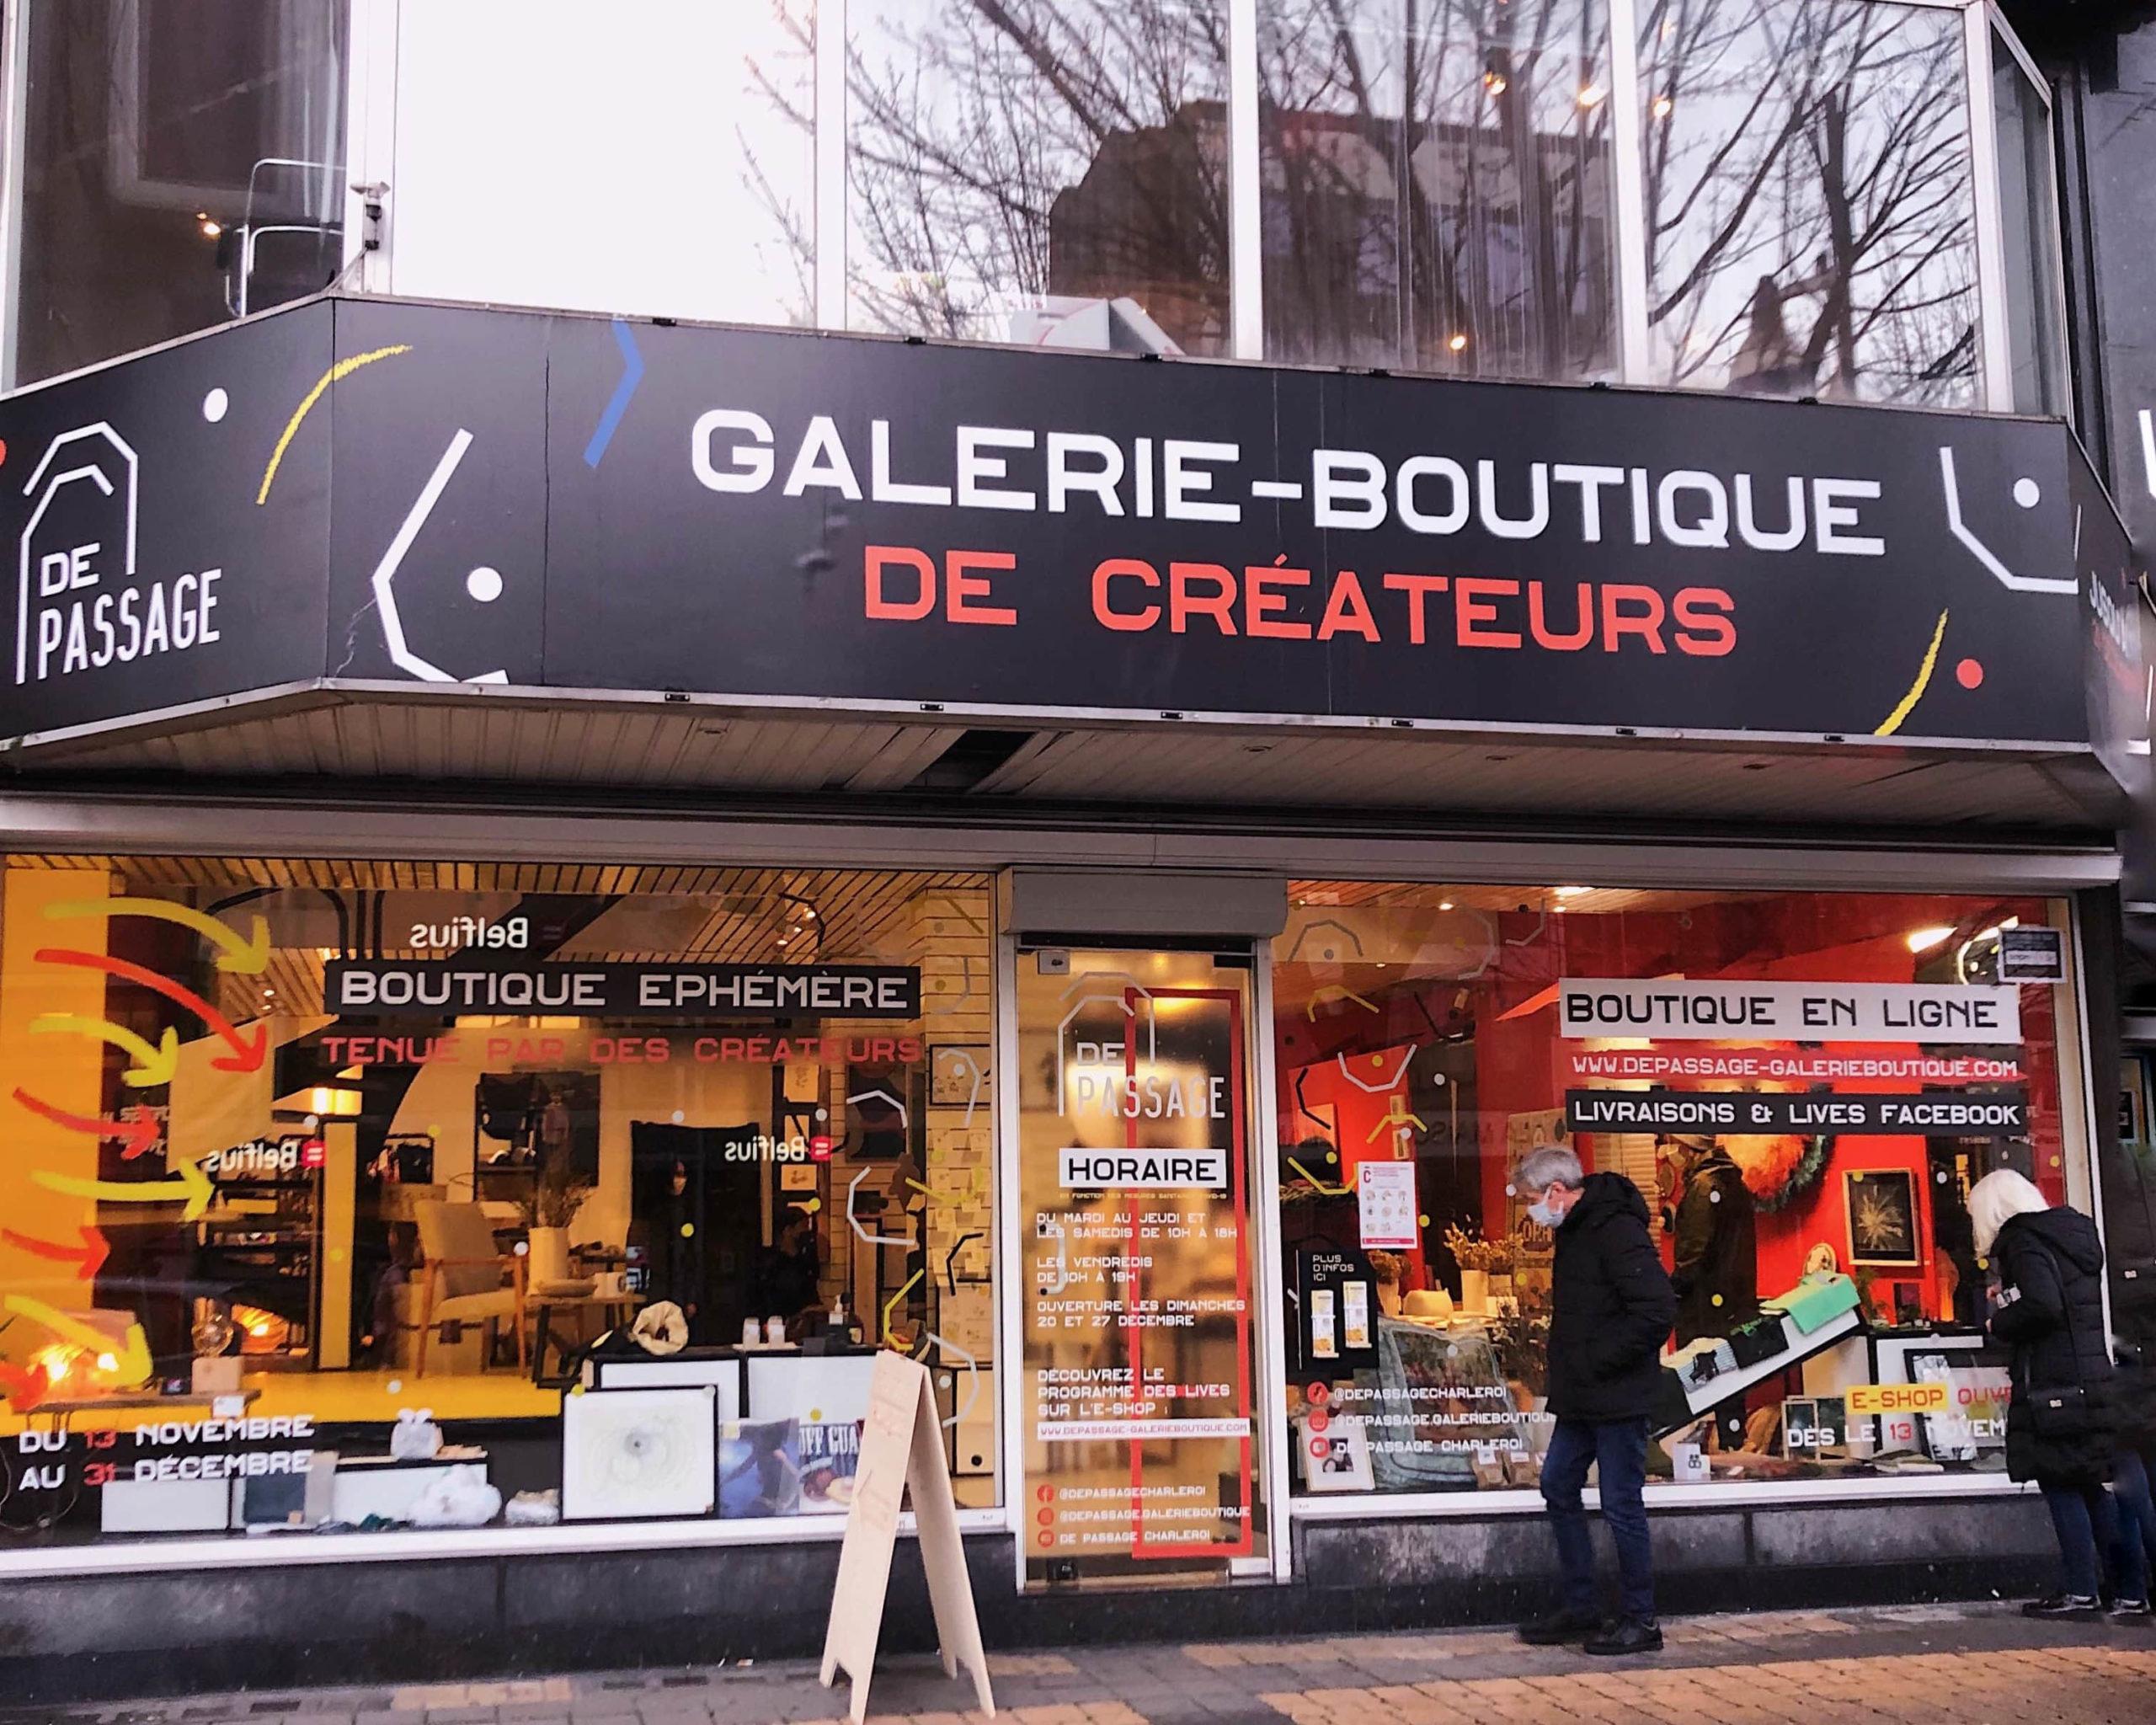 boutique-devanture-Mycharleroi-depassage-min copie_photoshop